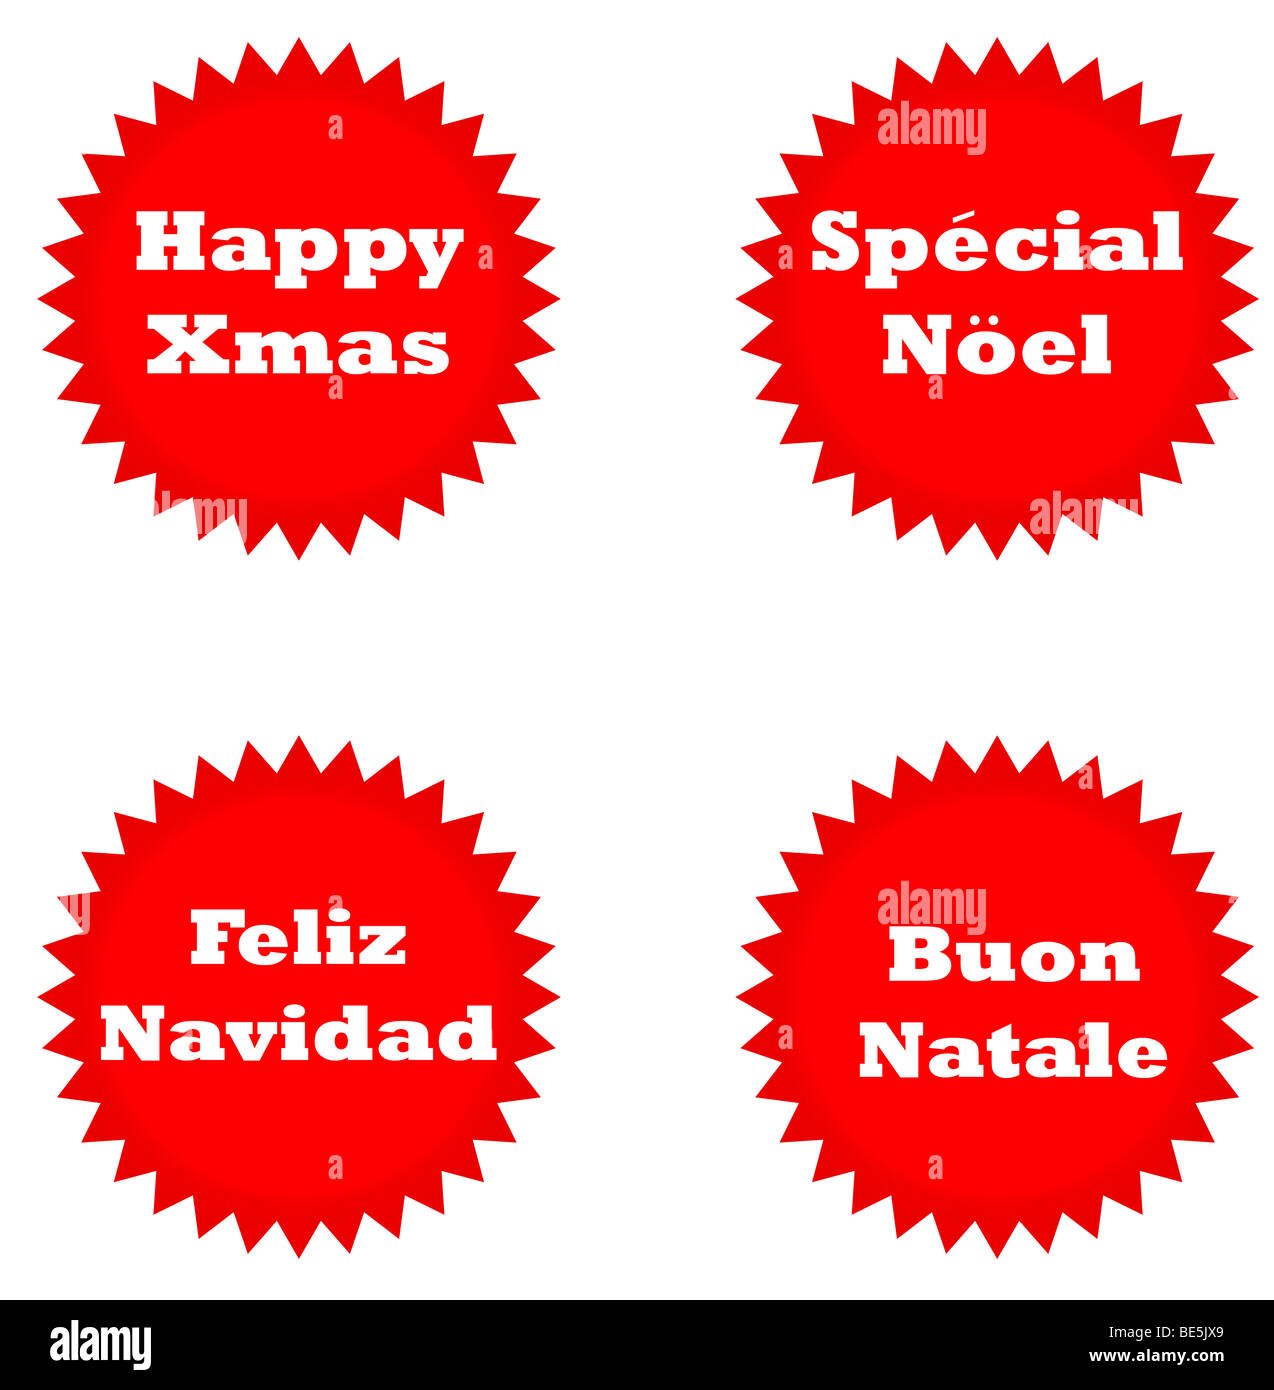 Weihnachtsgrüße Italienisch übersetzung.Französisch Frohe Weihnachten Stockfotos Französisch Frohe